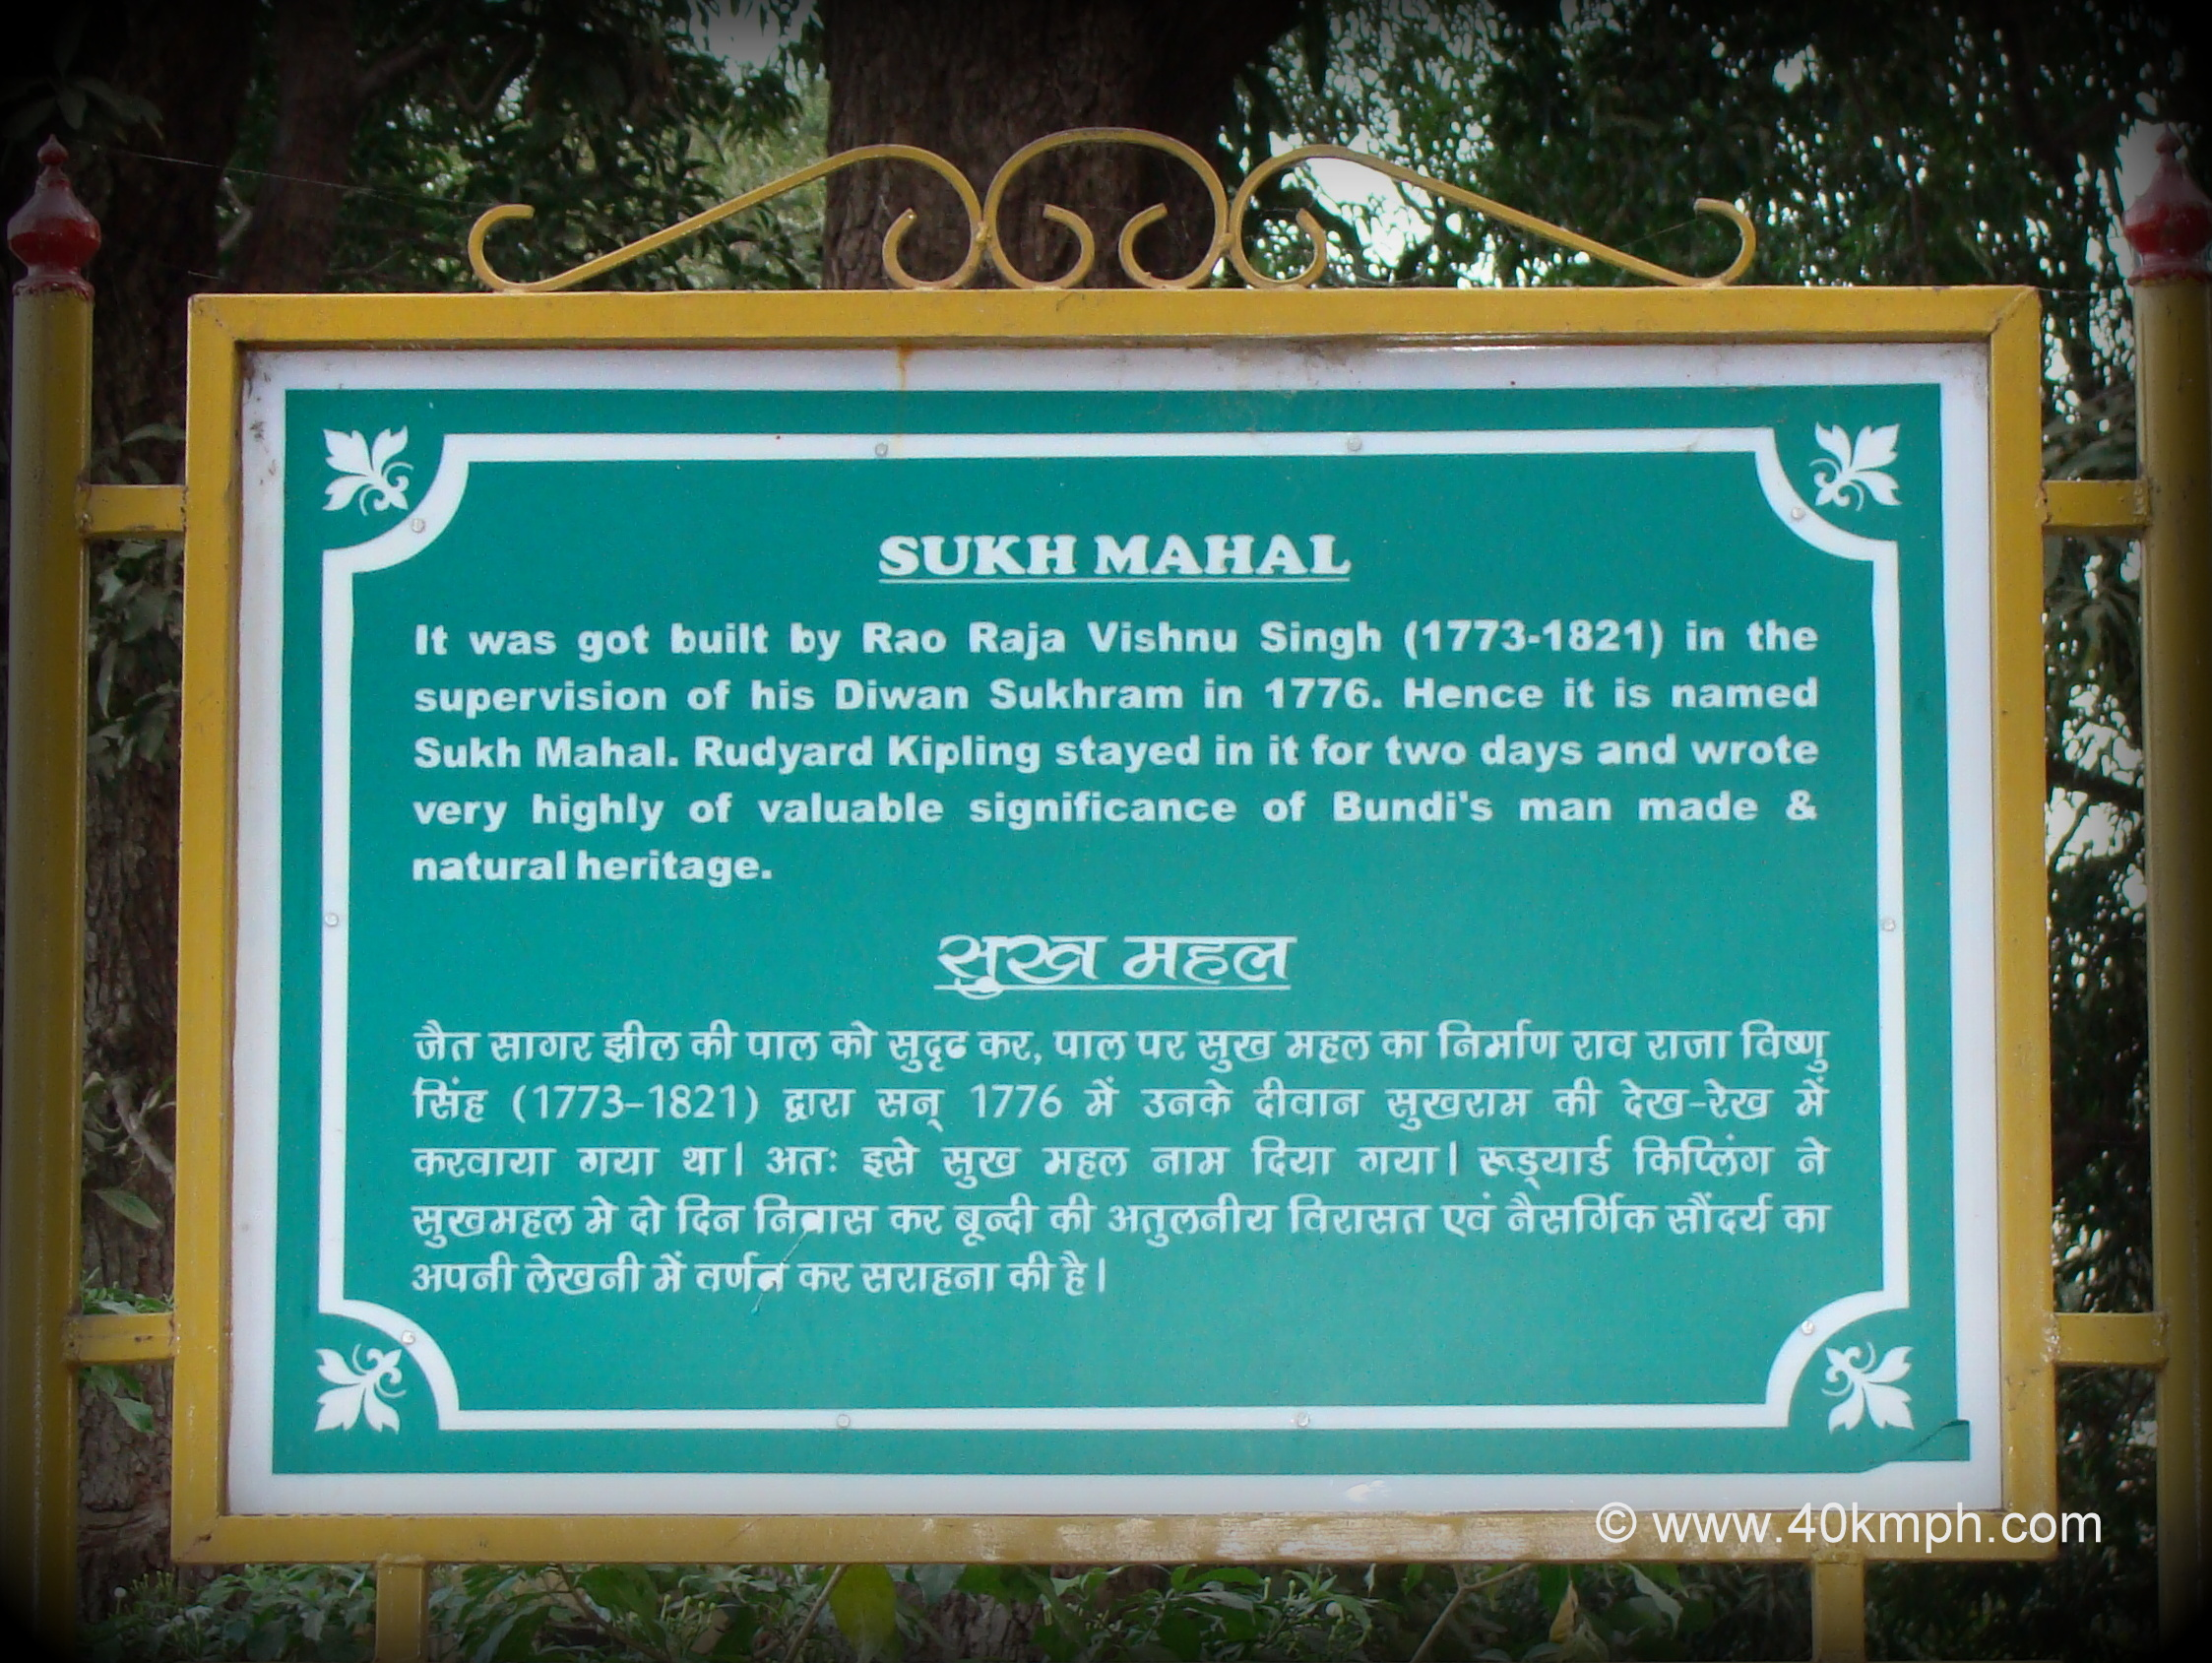 Sukh Mahal (Banks of Jait Sagar, Bundi, Rajasthan) Historical Marker